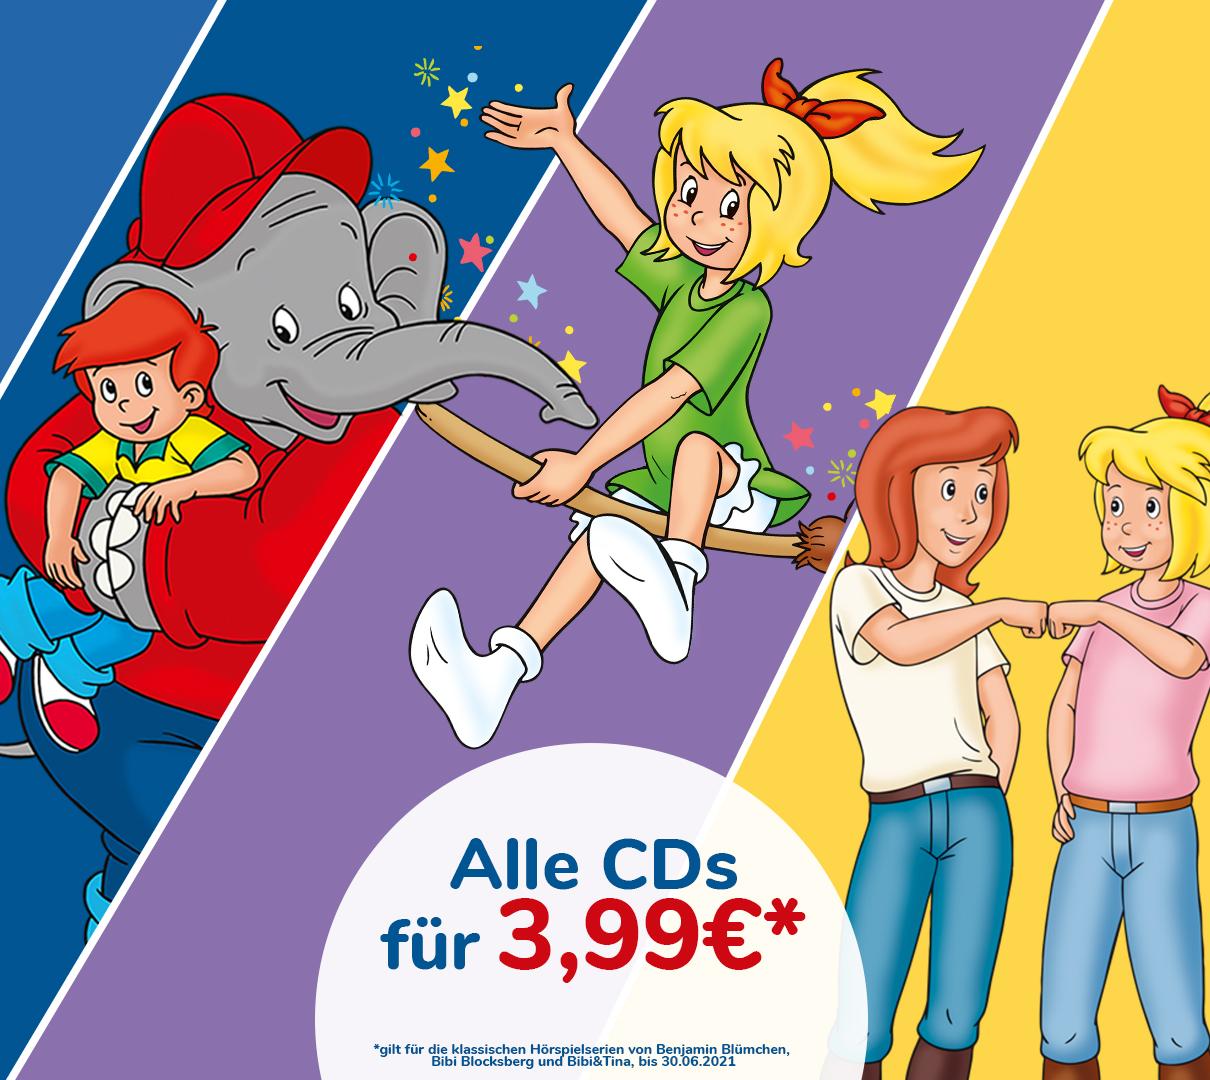 CD-Aktion